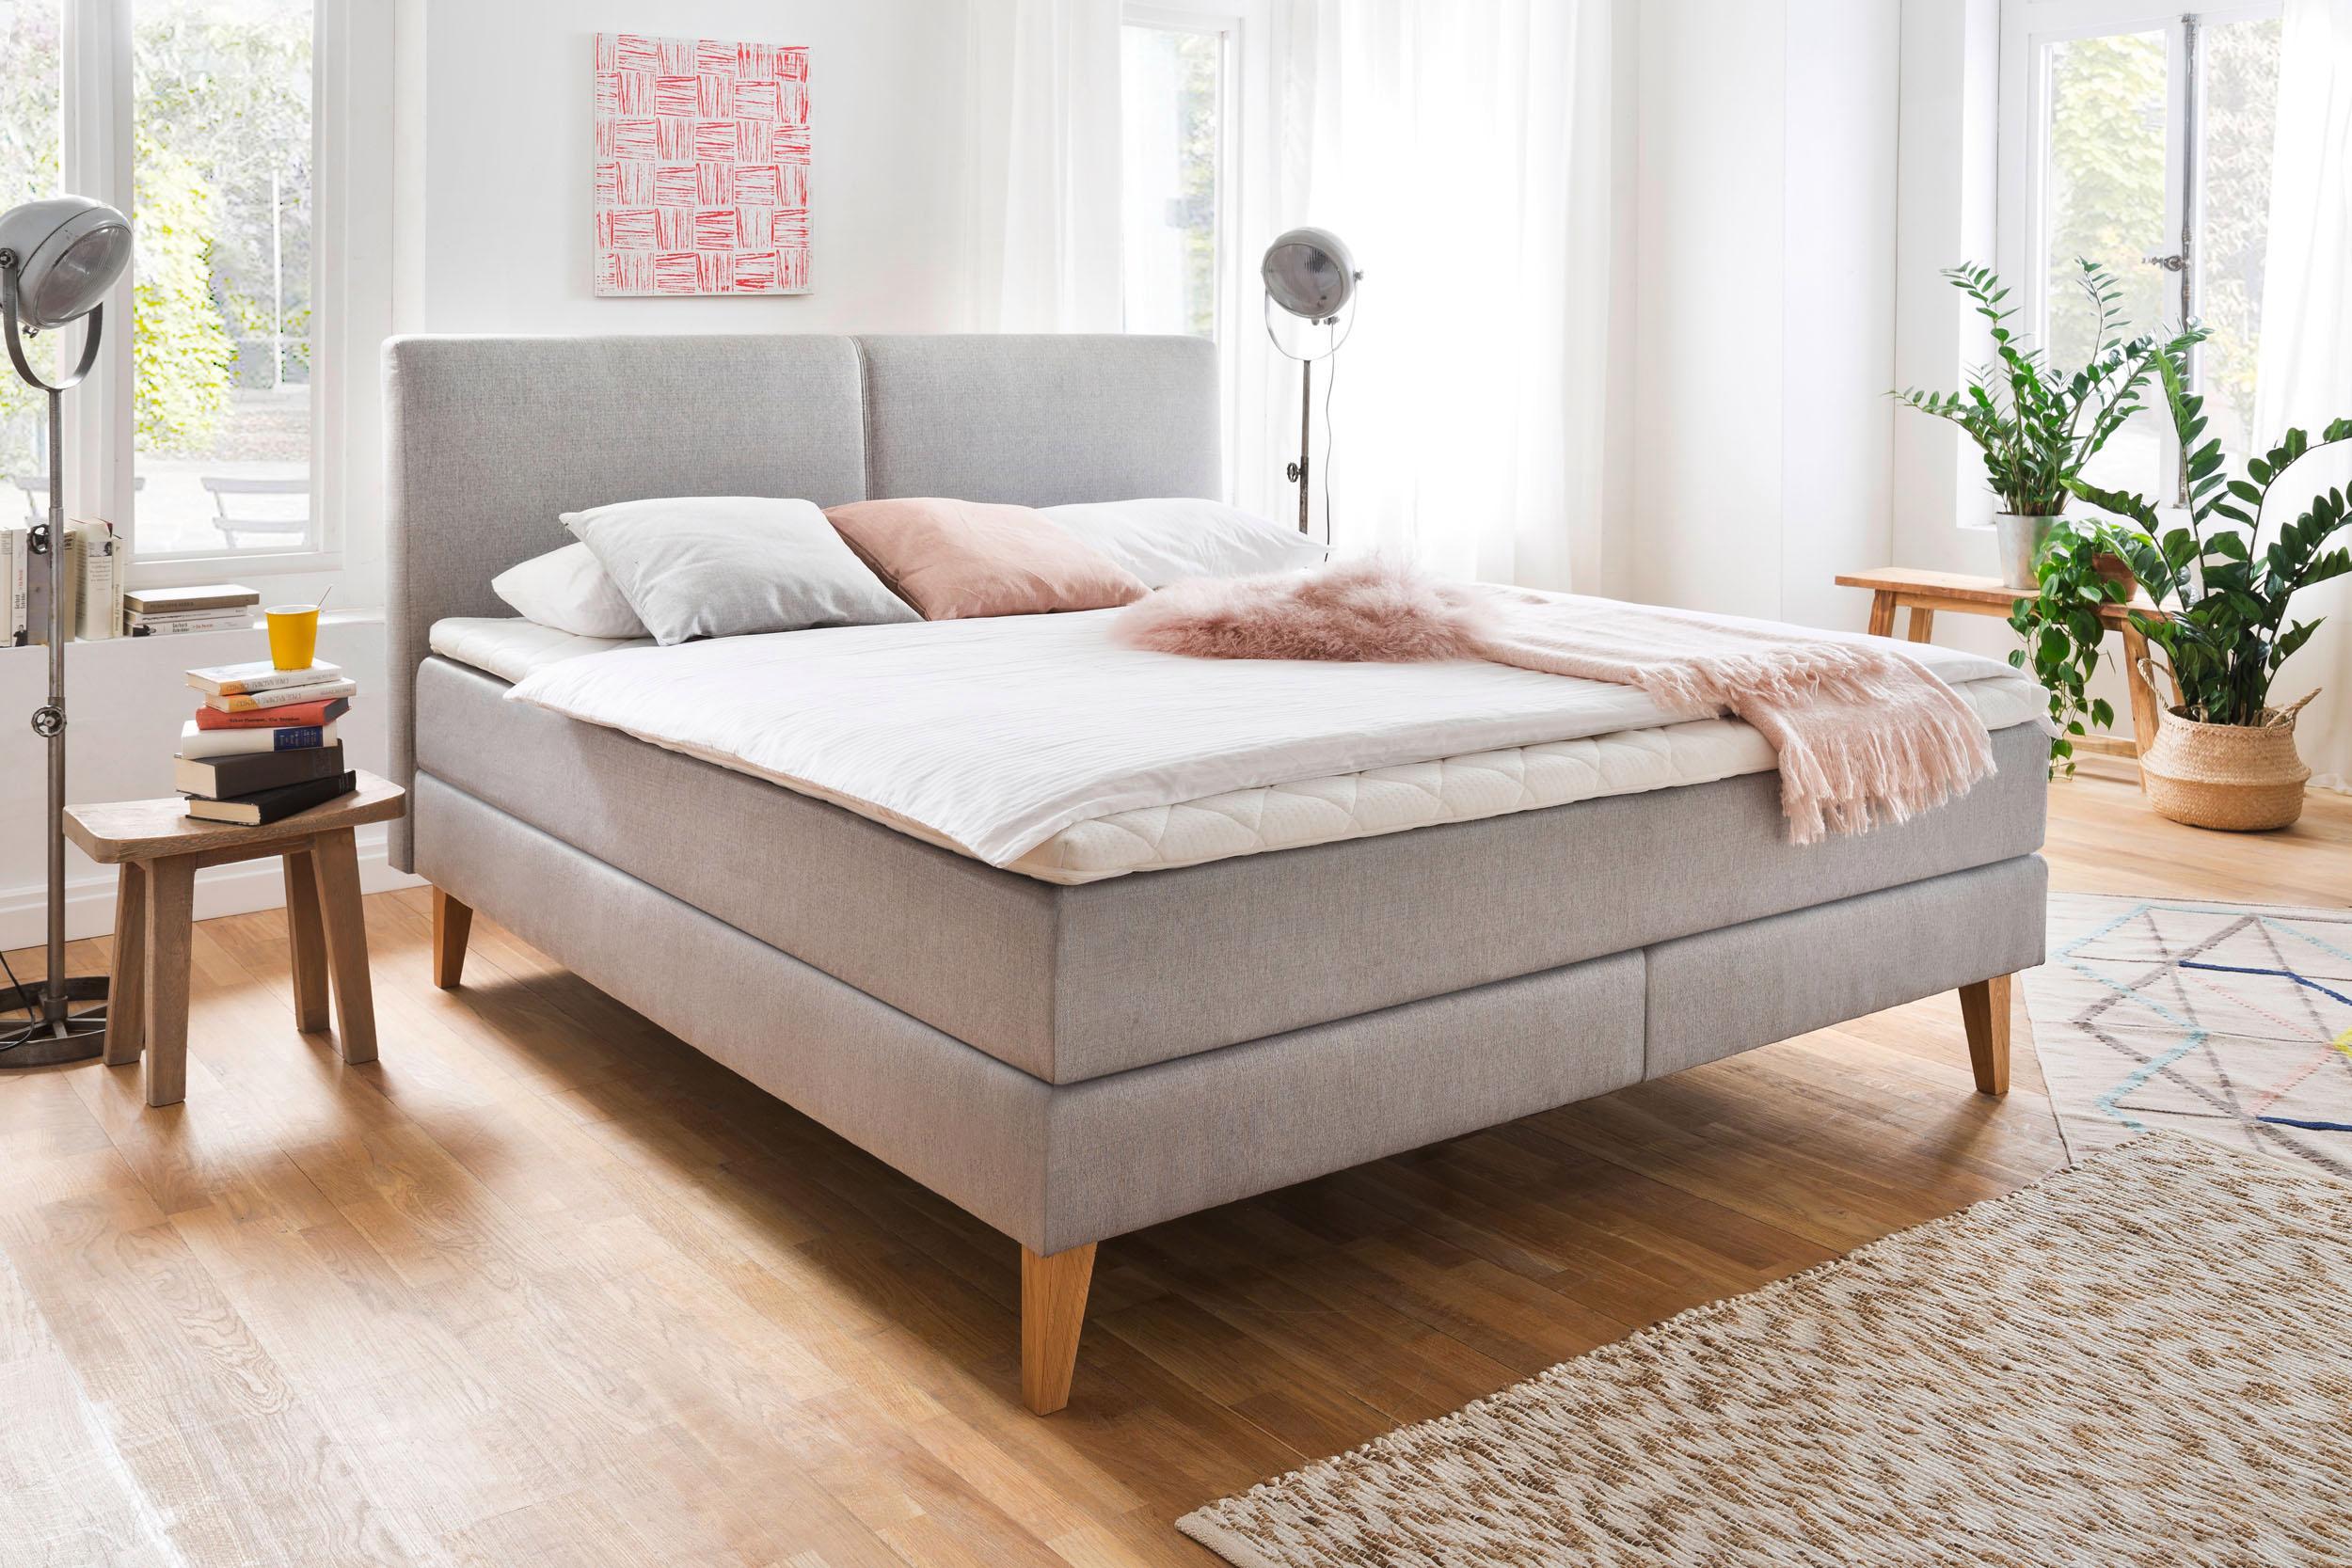 Matratzen 90x200 H3 Preisvergleich Die Besten Angebote Online Kaufen